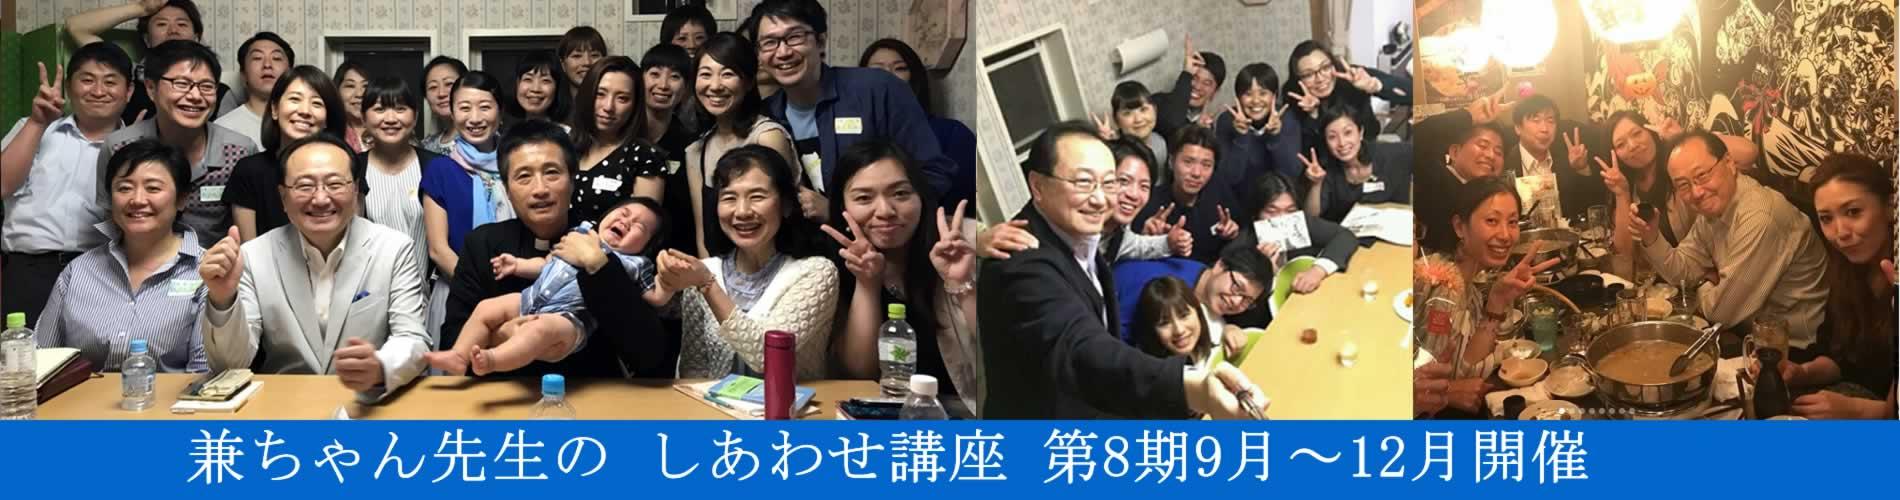 兼ちゃん先生の しあわせ講座 第8期9月~12月開催